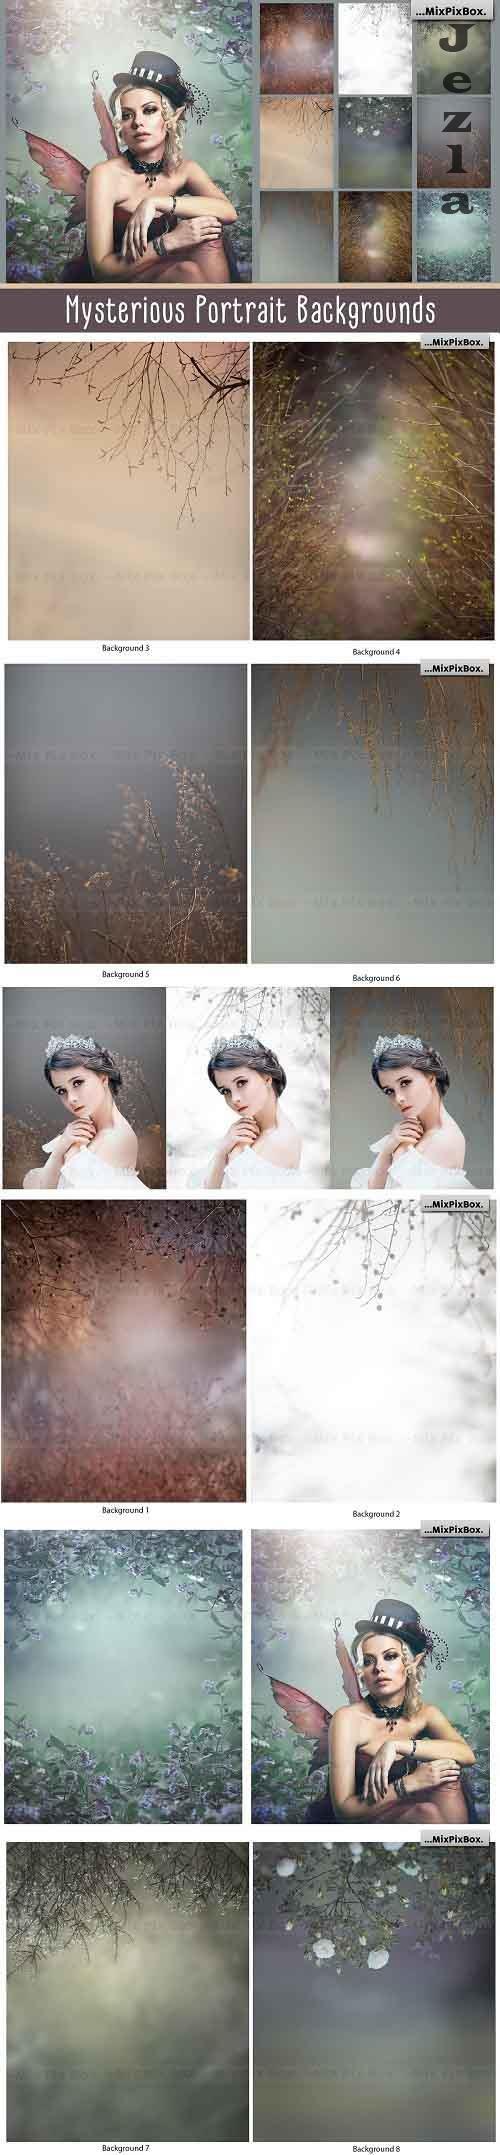 Mysterious Portrait Backgrounds - 5814886